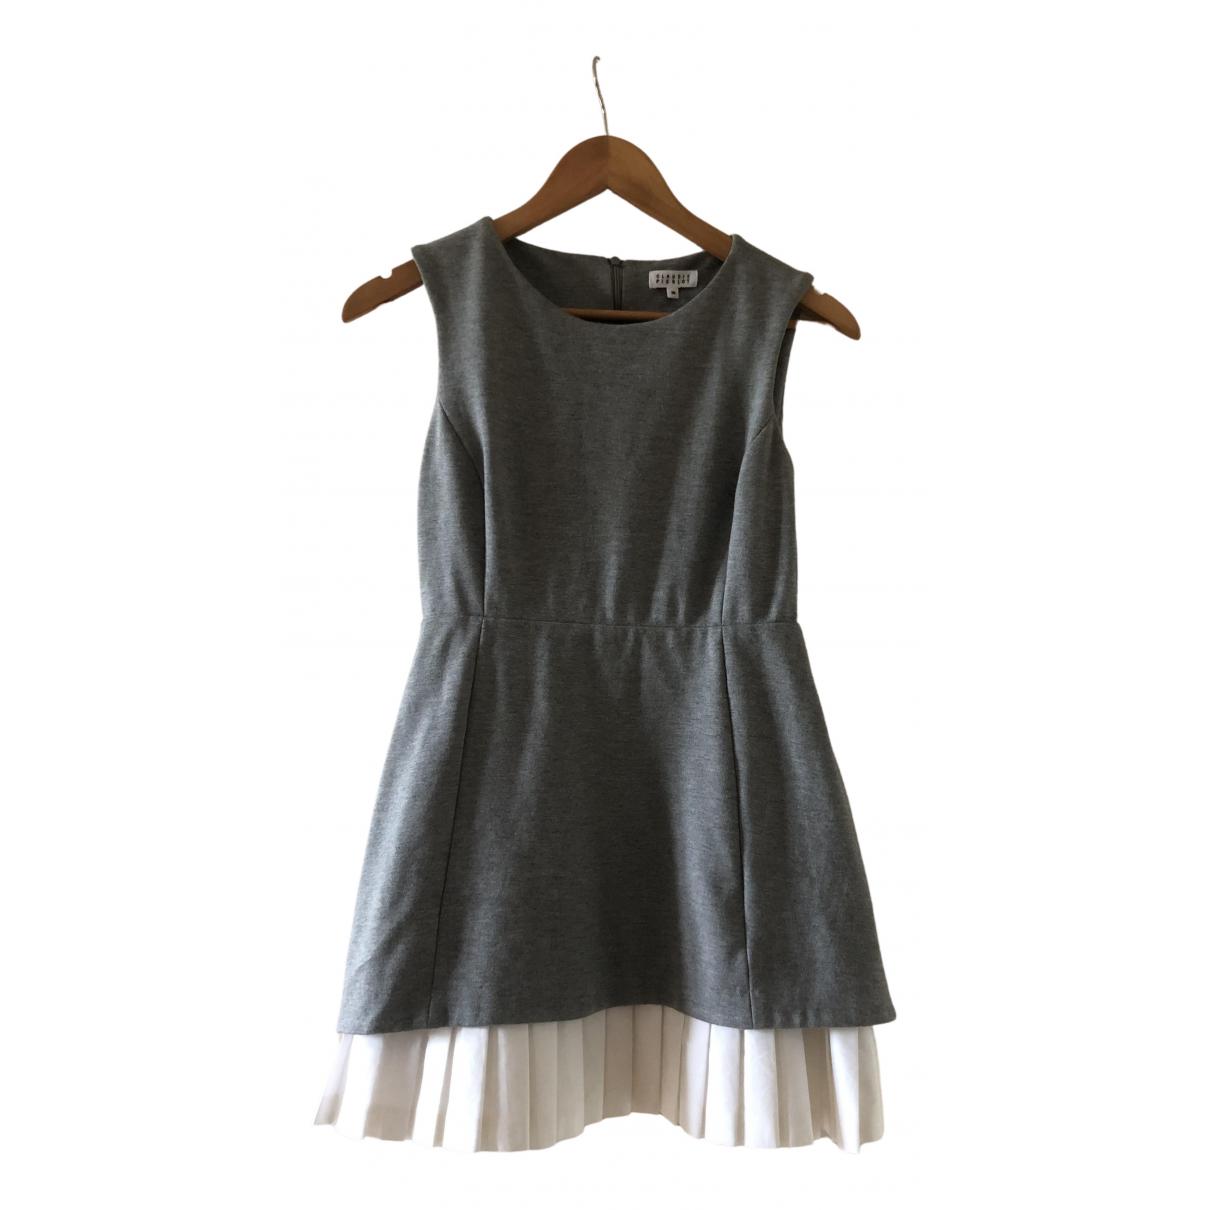 Claudie Pierlot \N Kleid in  Grau Viskose